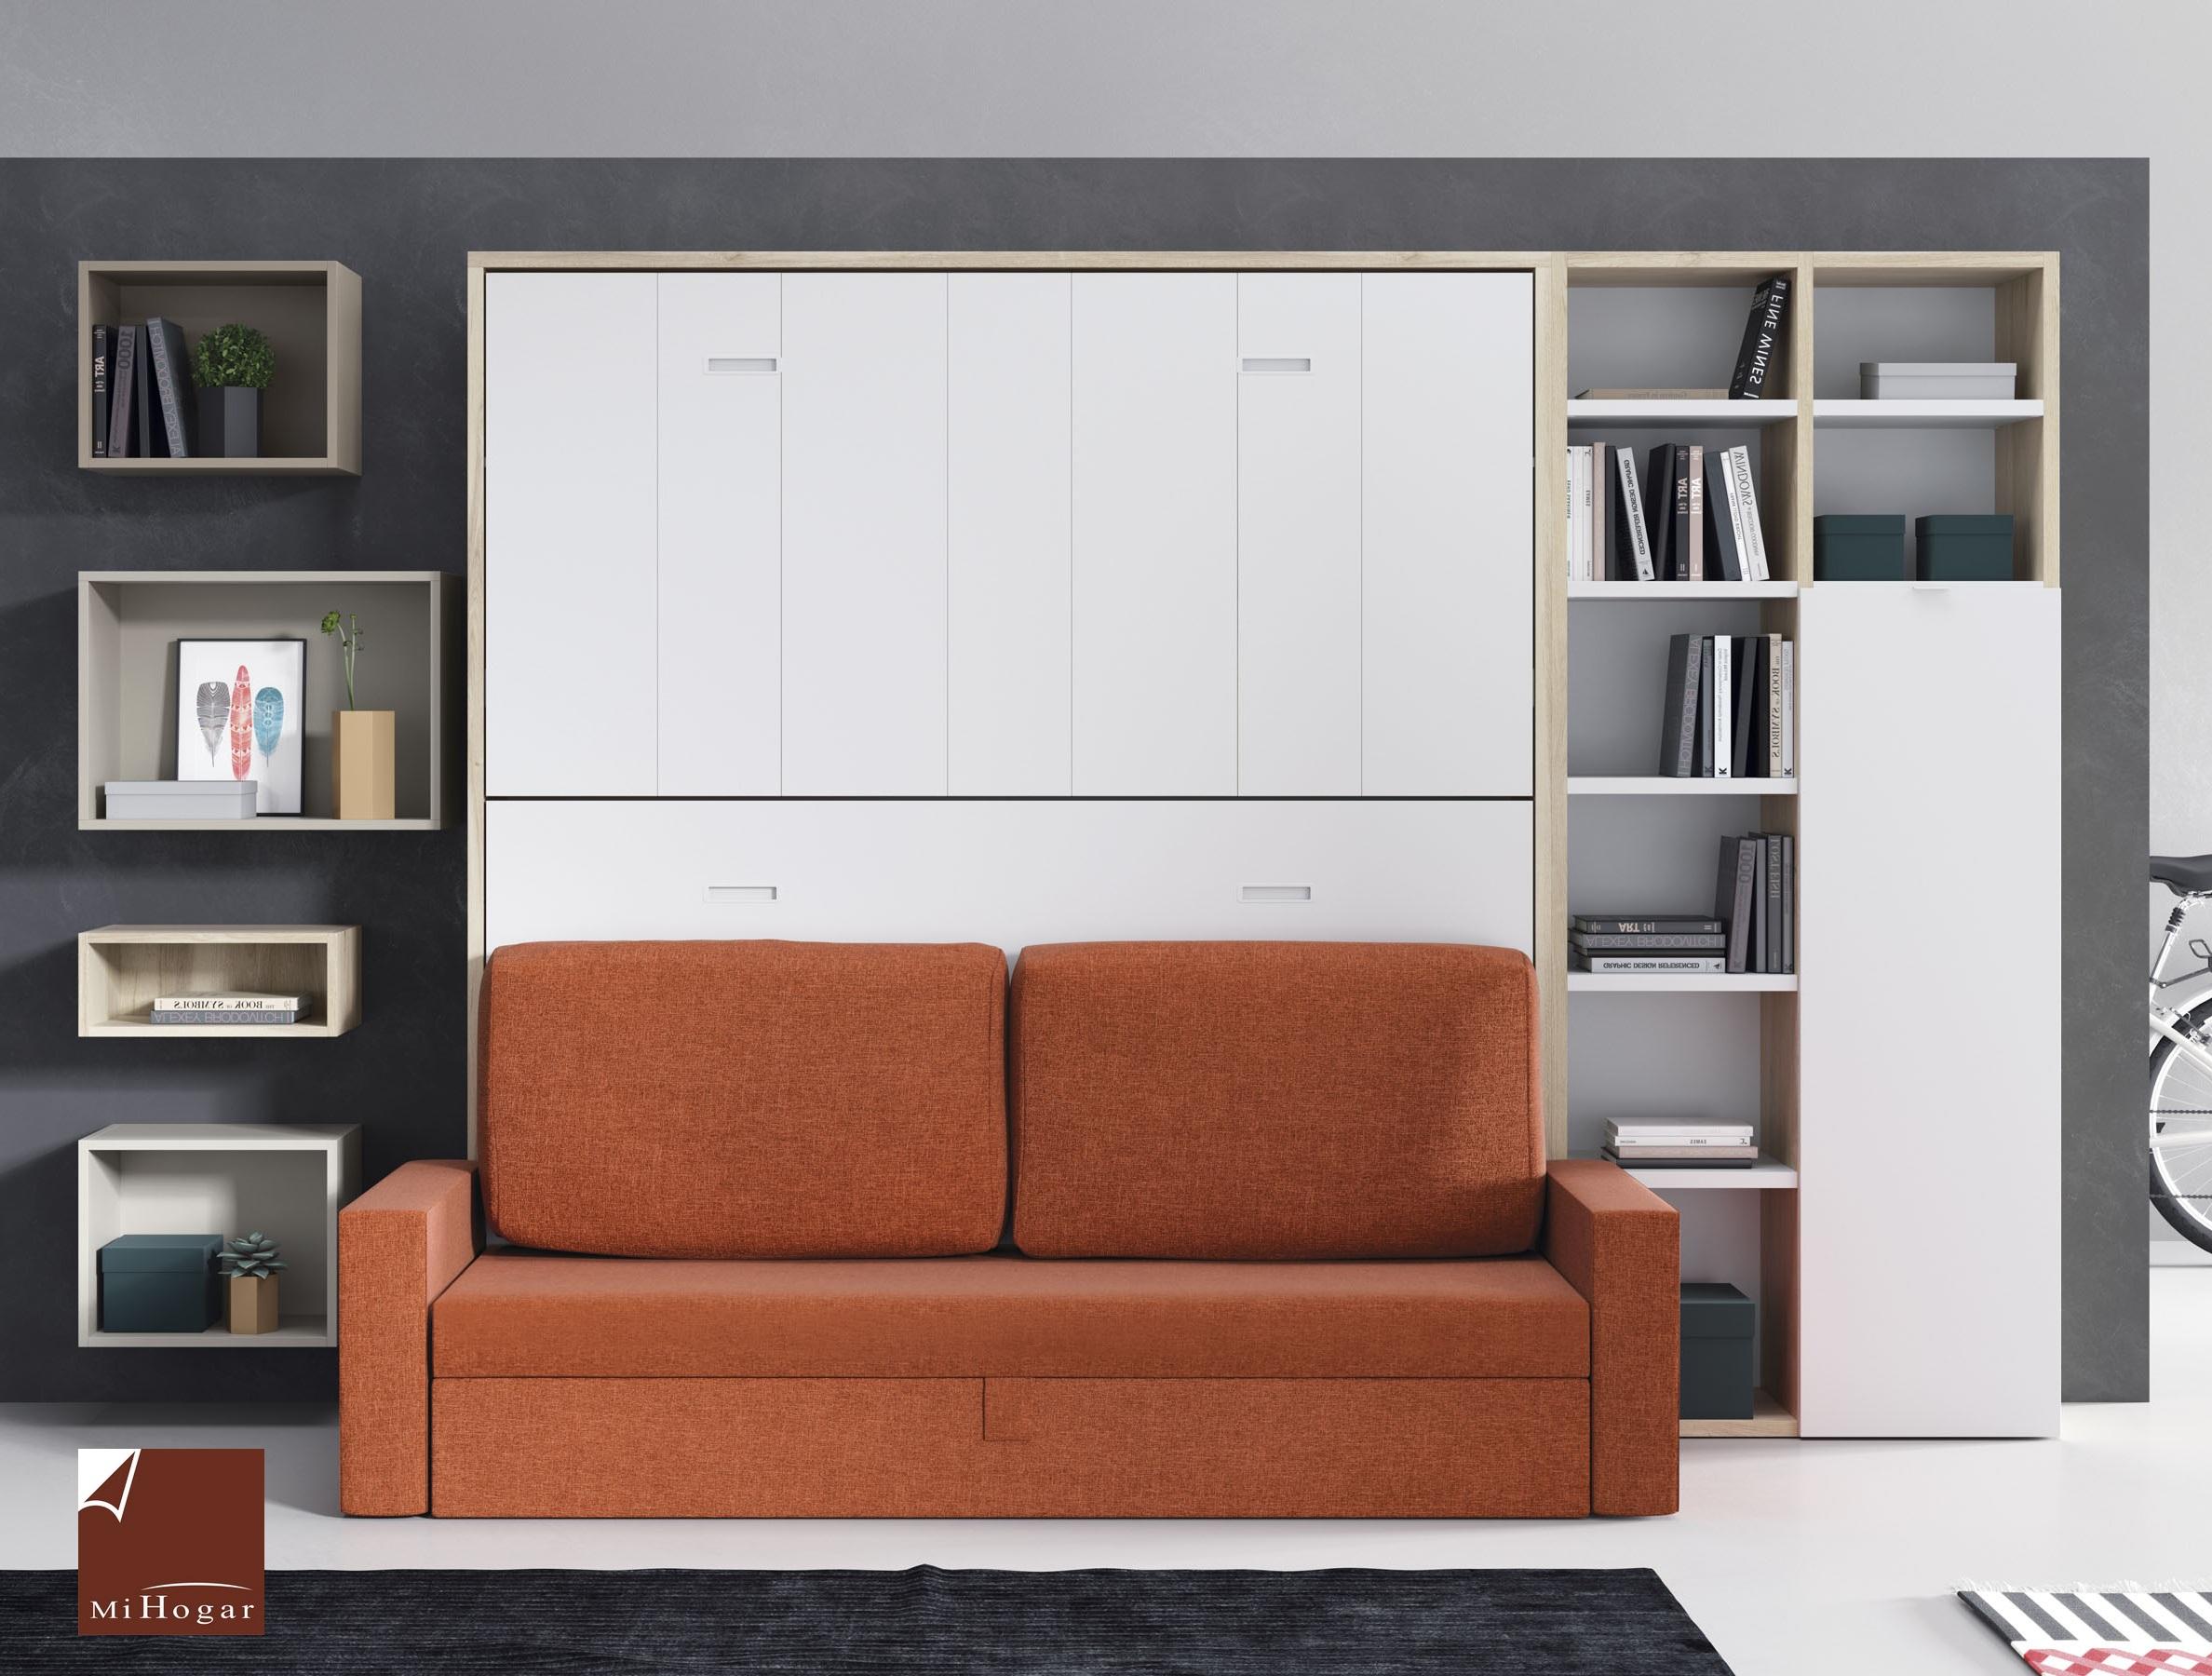 Cama abatible horizontal con sofa tmb muebles mi hogar - Estanterias con puertas ...